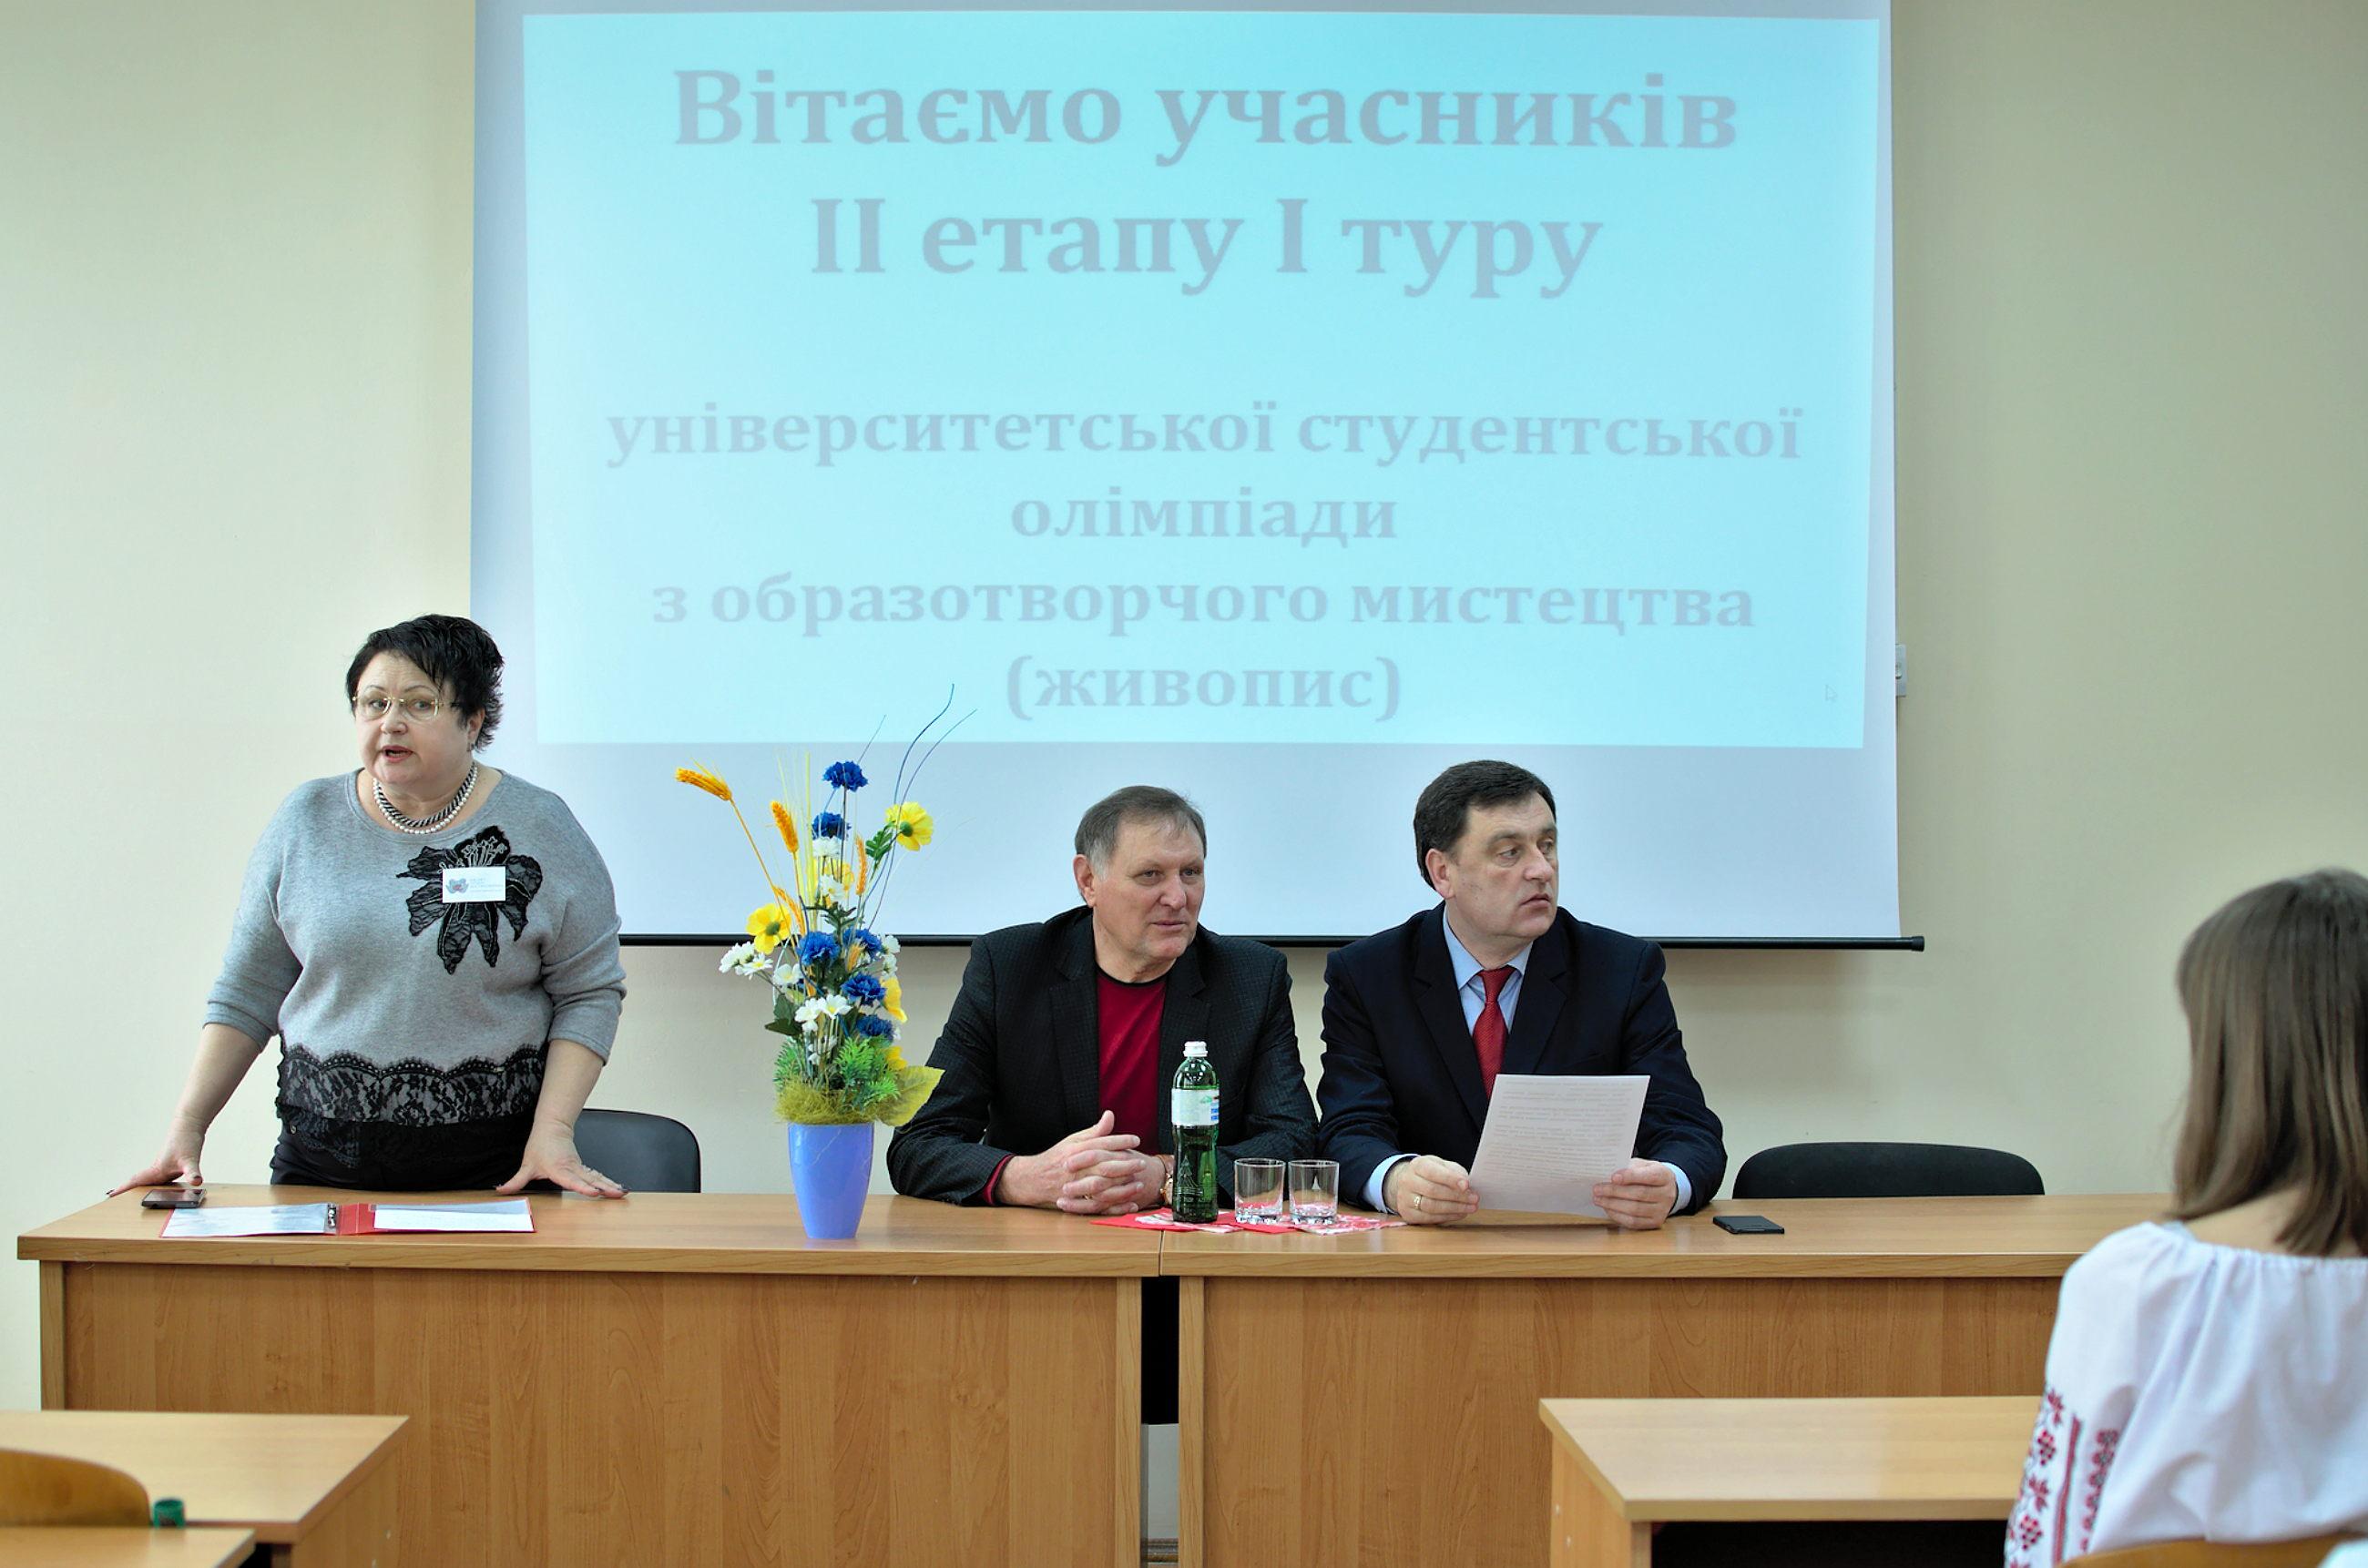 Виступ Касьян Тетяни Костянтинівни на відкритті олімпіади